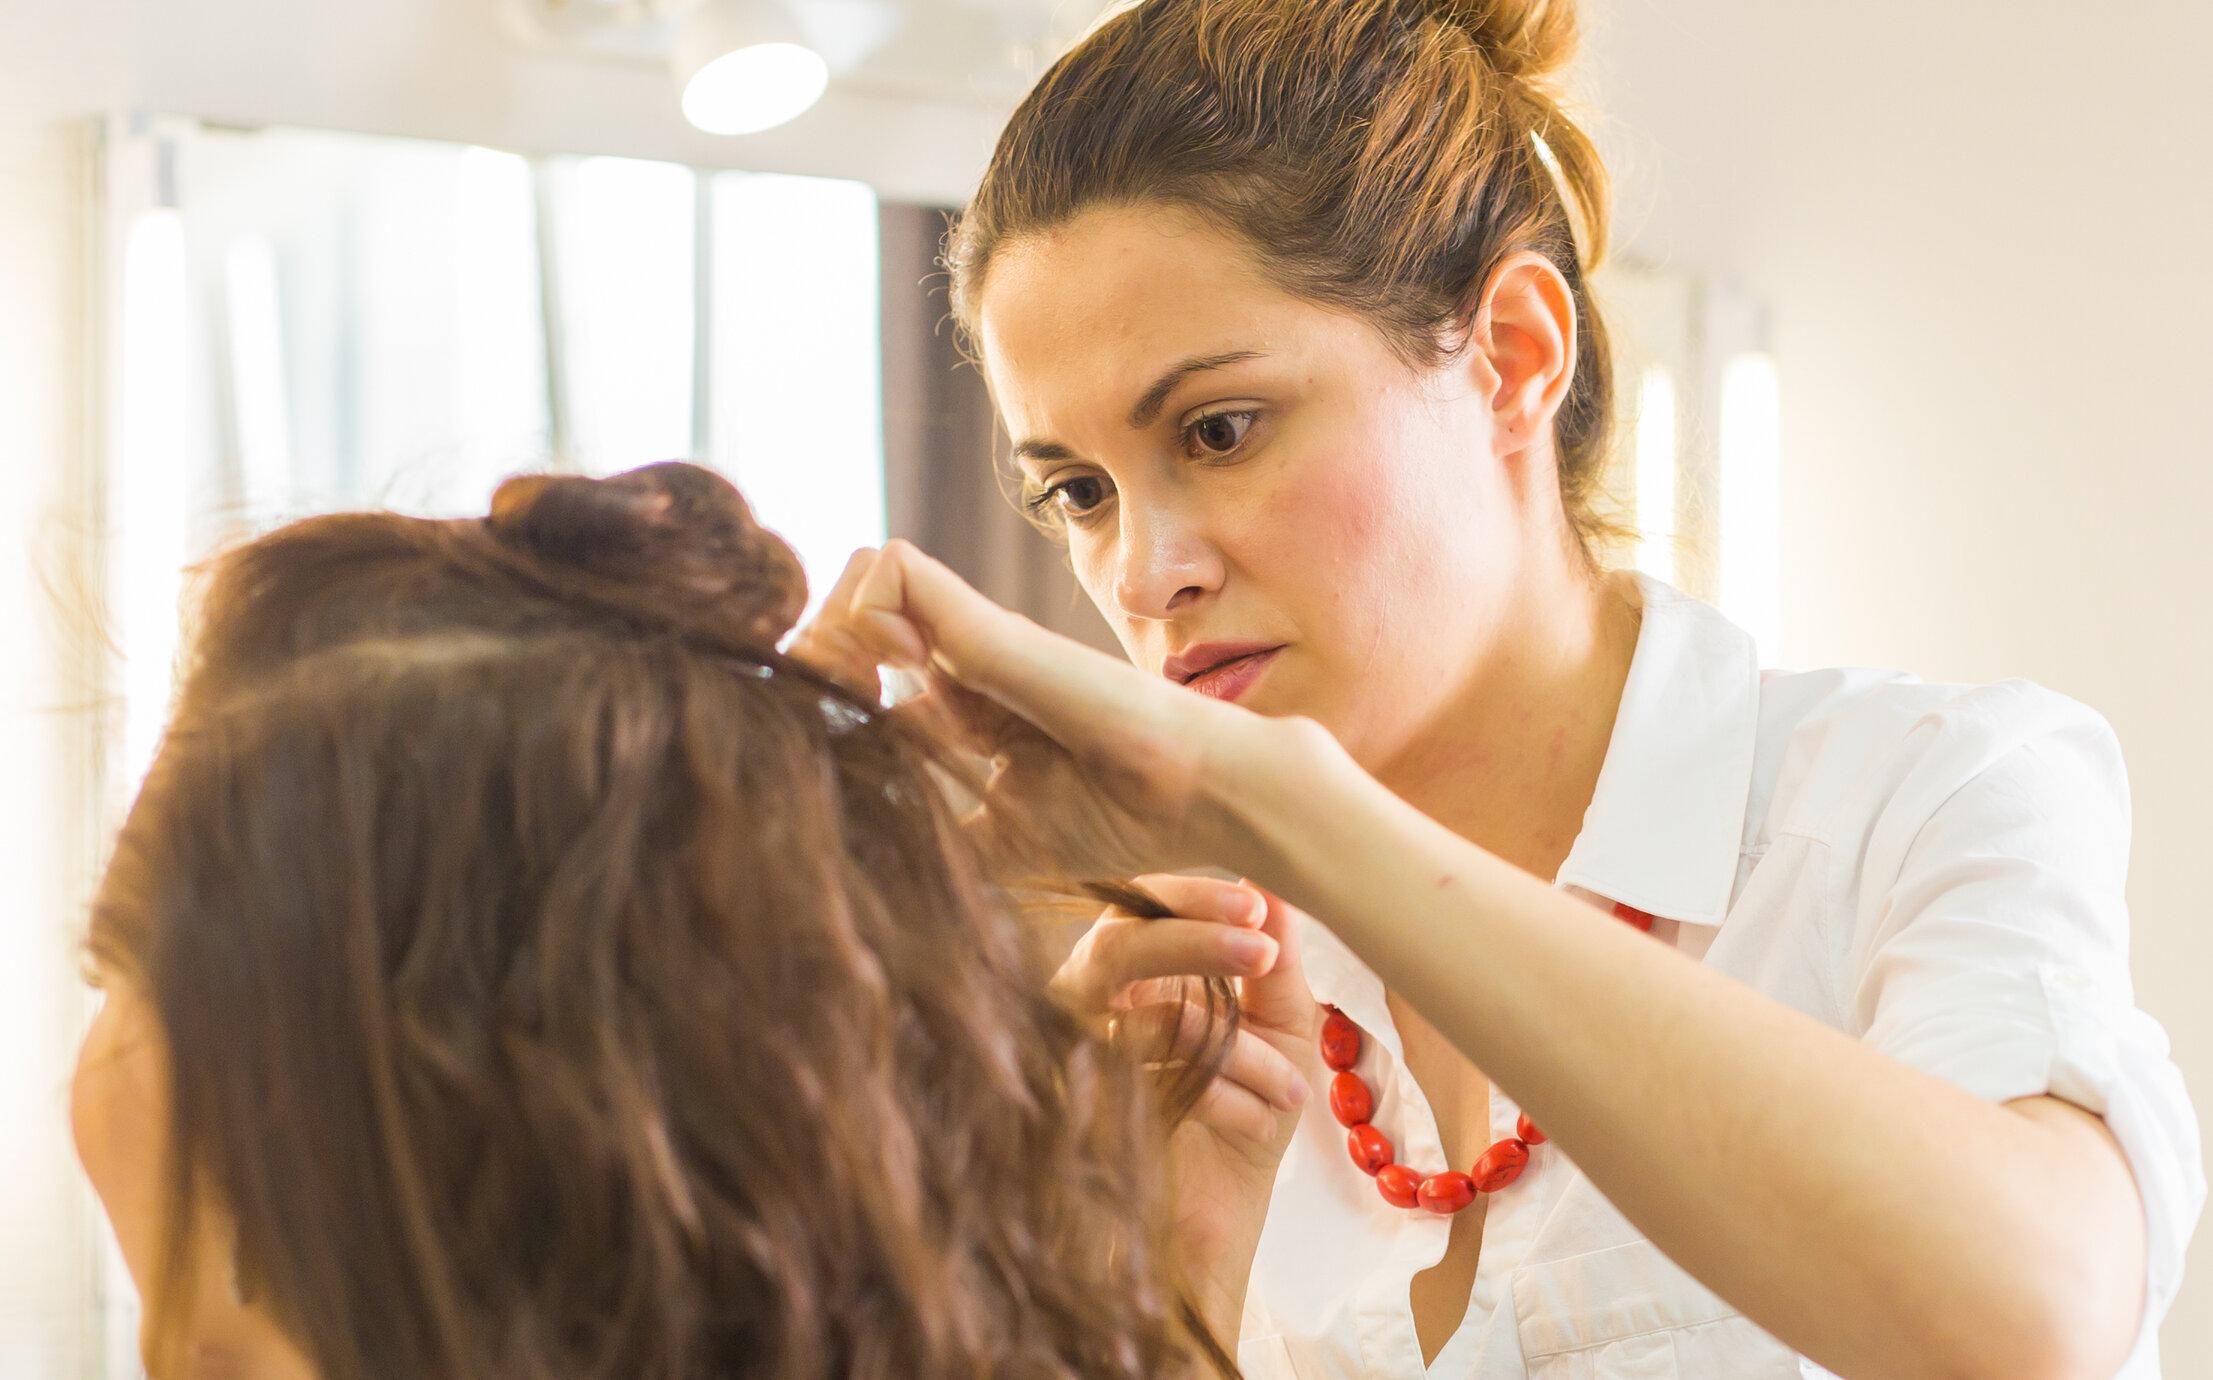 Saloanele de înfrumusețare raportează reacții alergice la vopselurile de păr în cazul clienților vindecați de Covid